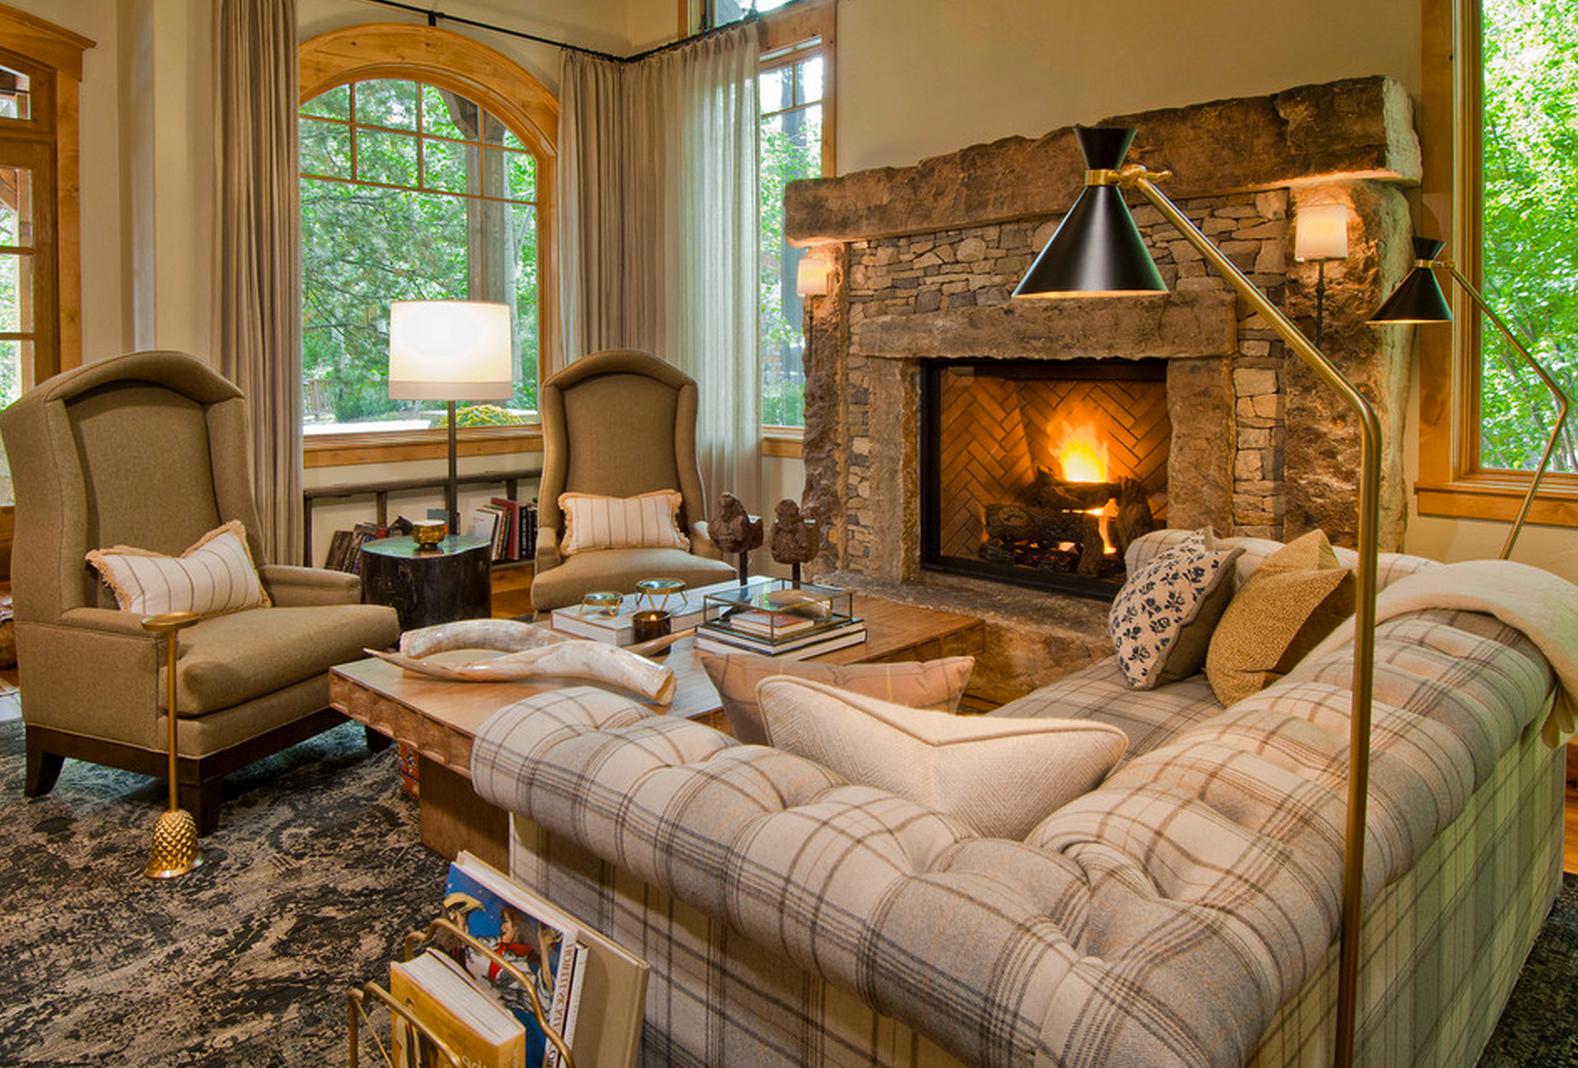 Mélangez les matériaux et les motifs afin de créer un salon chaleureux.